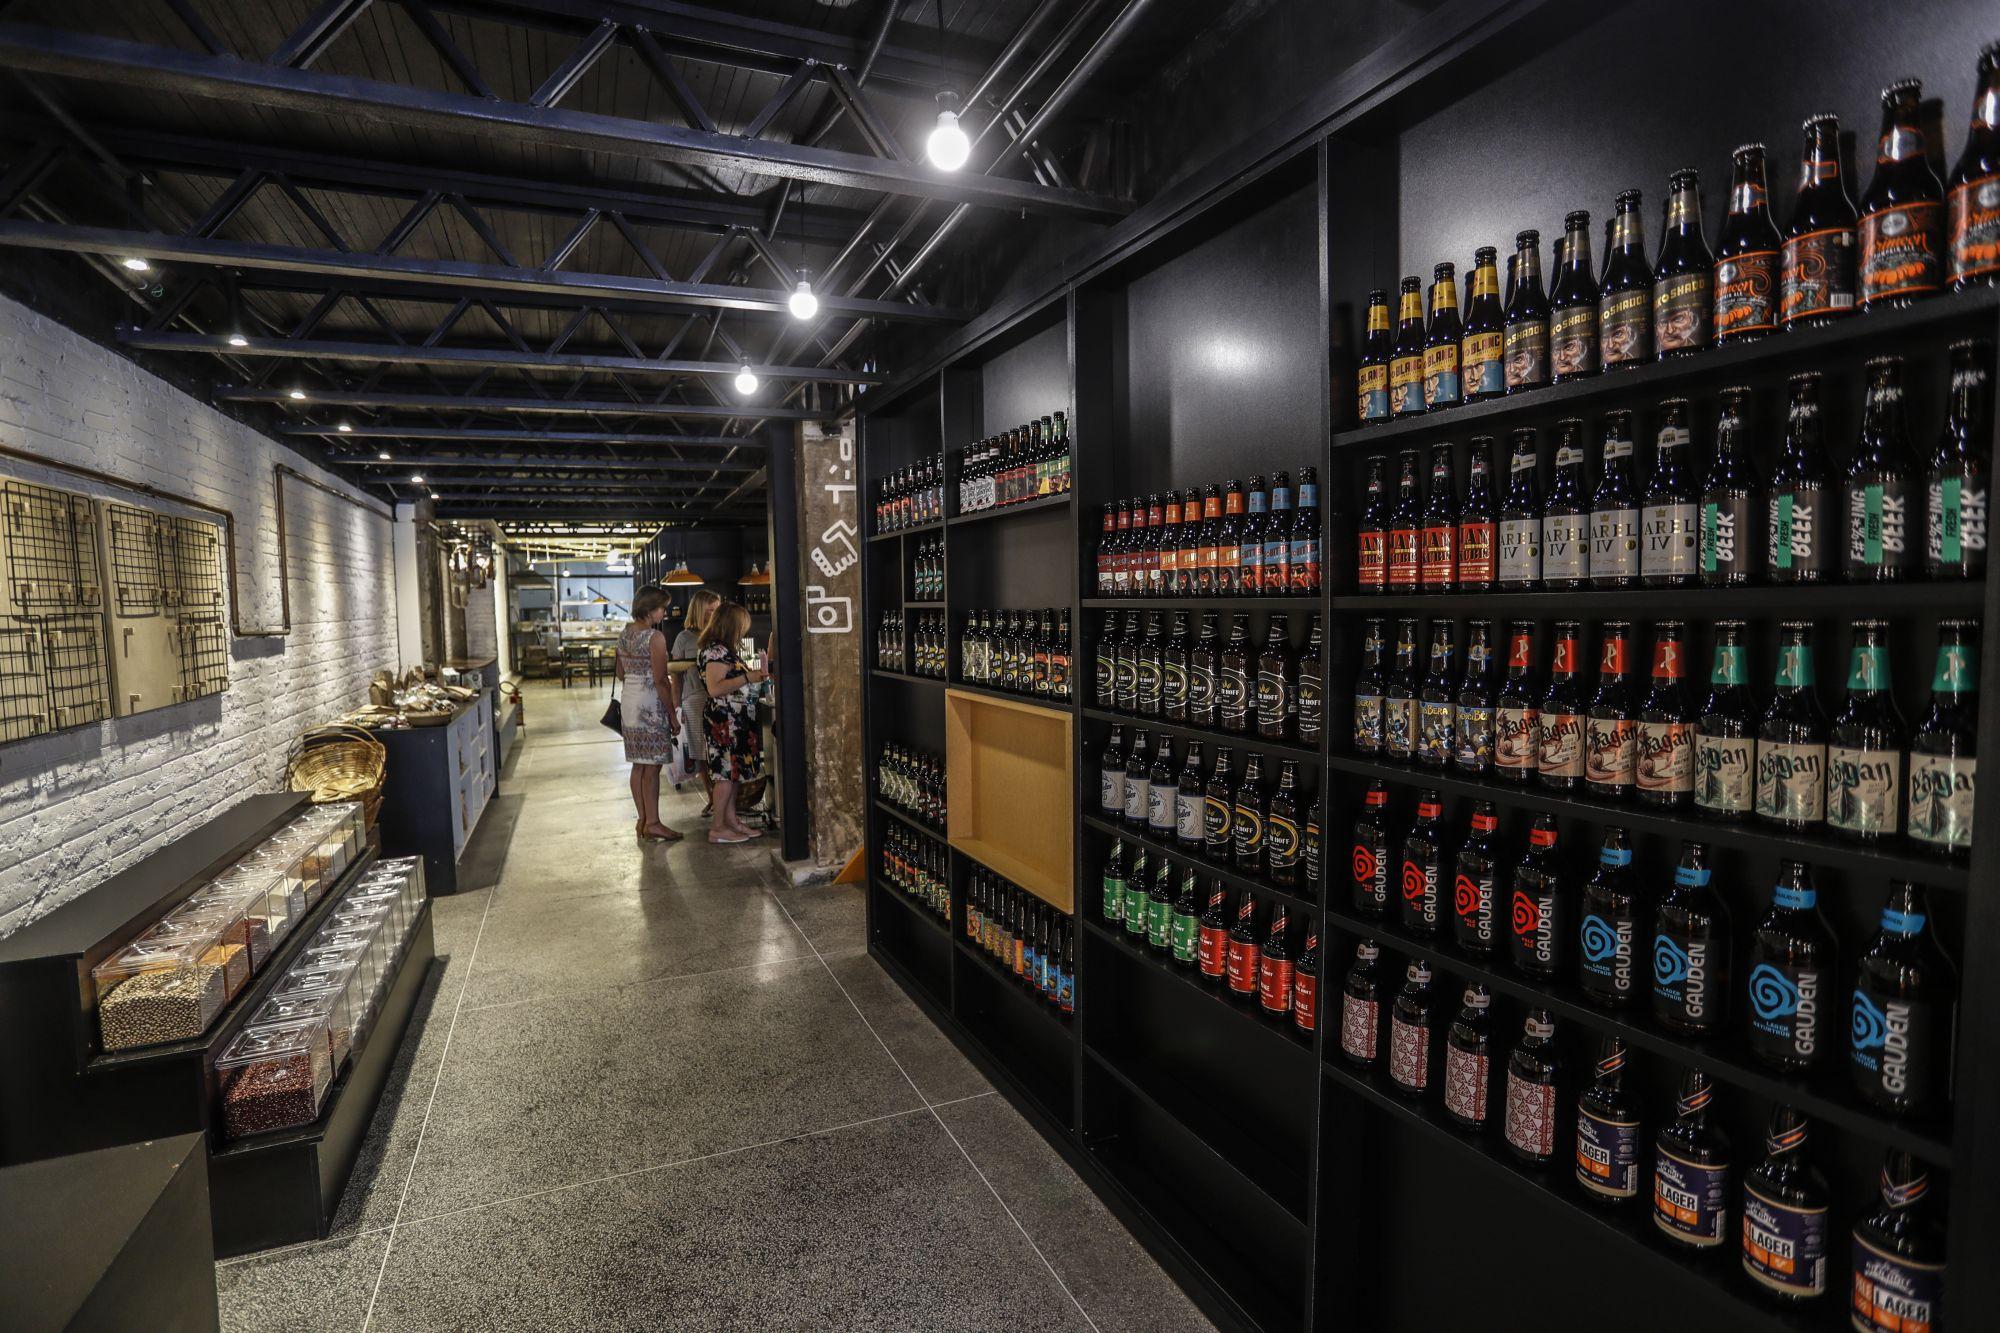 Cervejas e vinhos paranaenses são as opções para beber ou levar para casa n'O Locavorista. Foto: Jonathan Campos/Gazeta do Povo